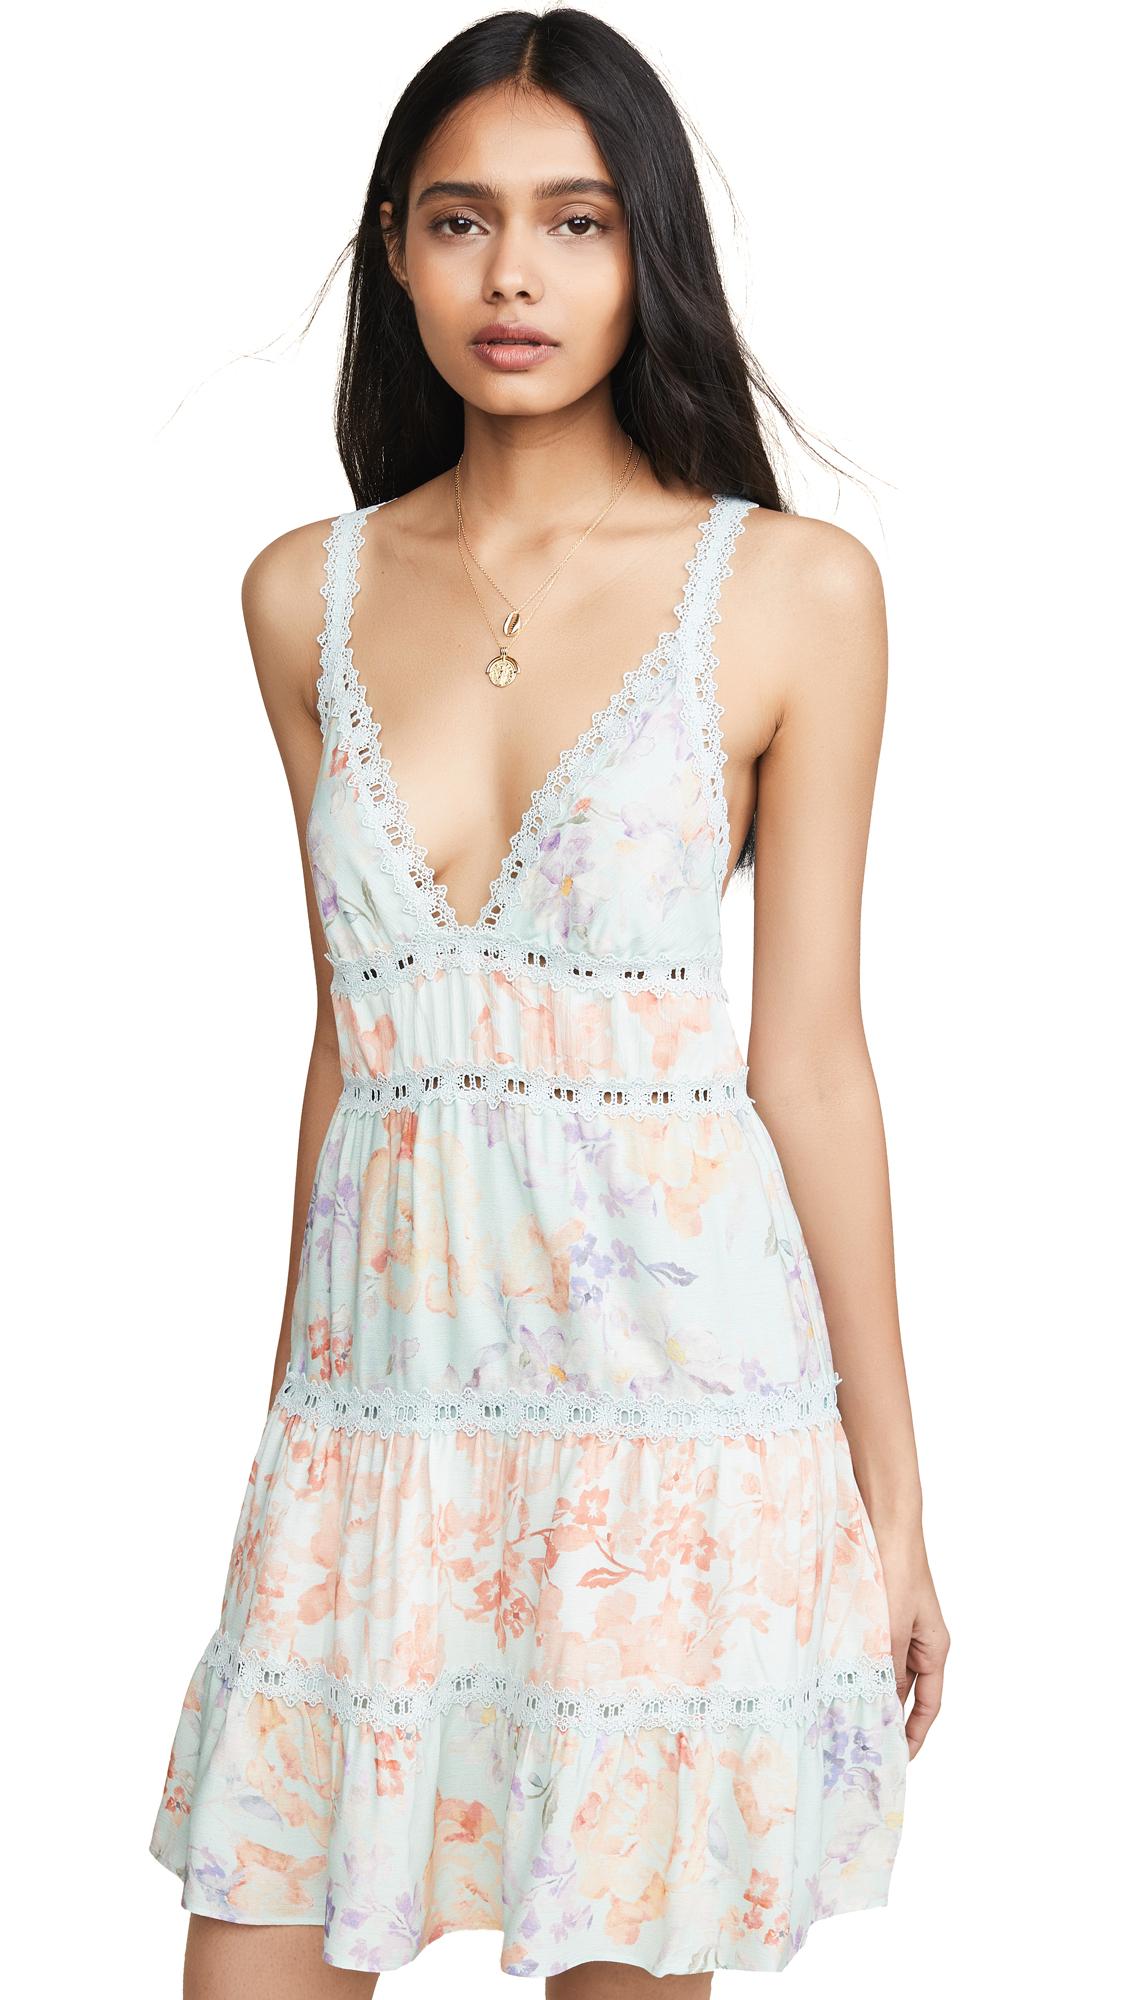 alice + olivia Karolina Halter Mini Dress - Water Petal Venus Multi